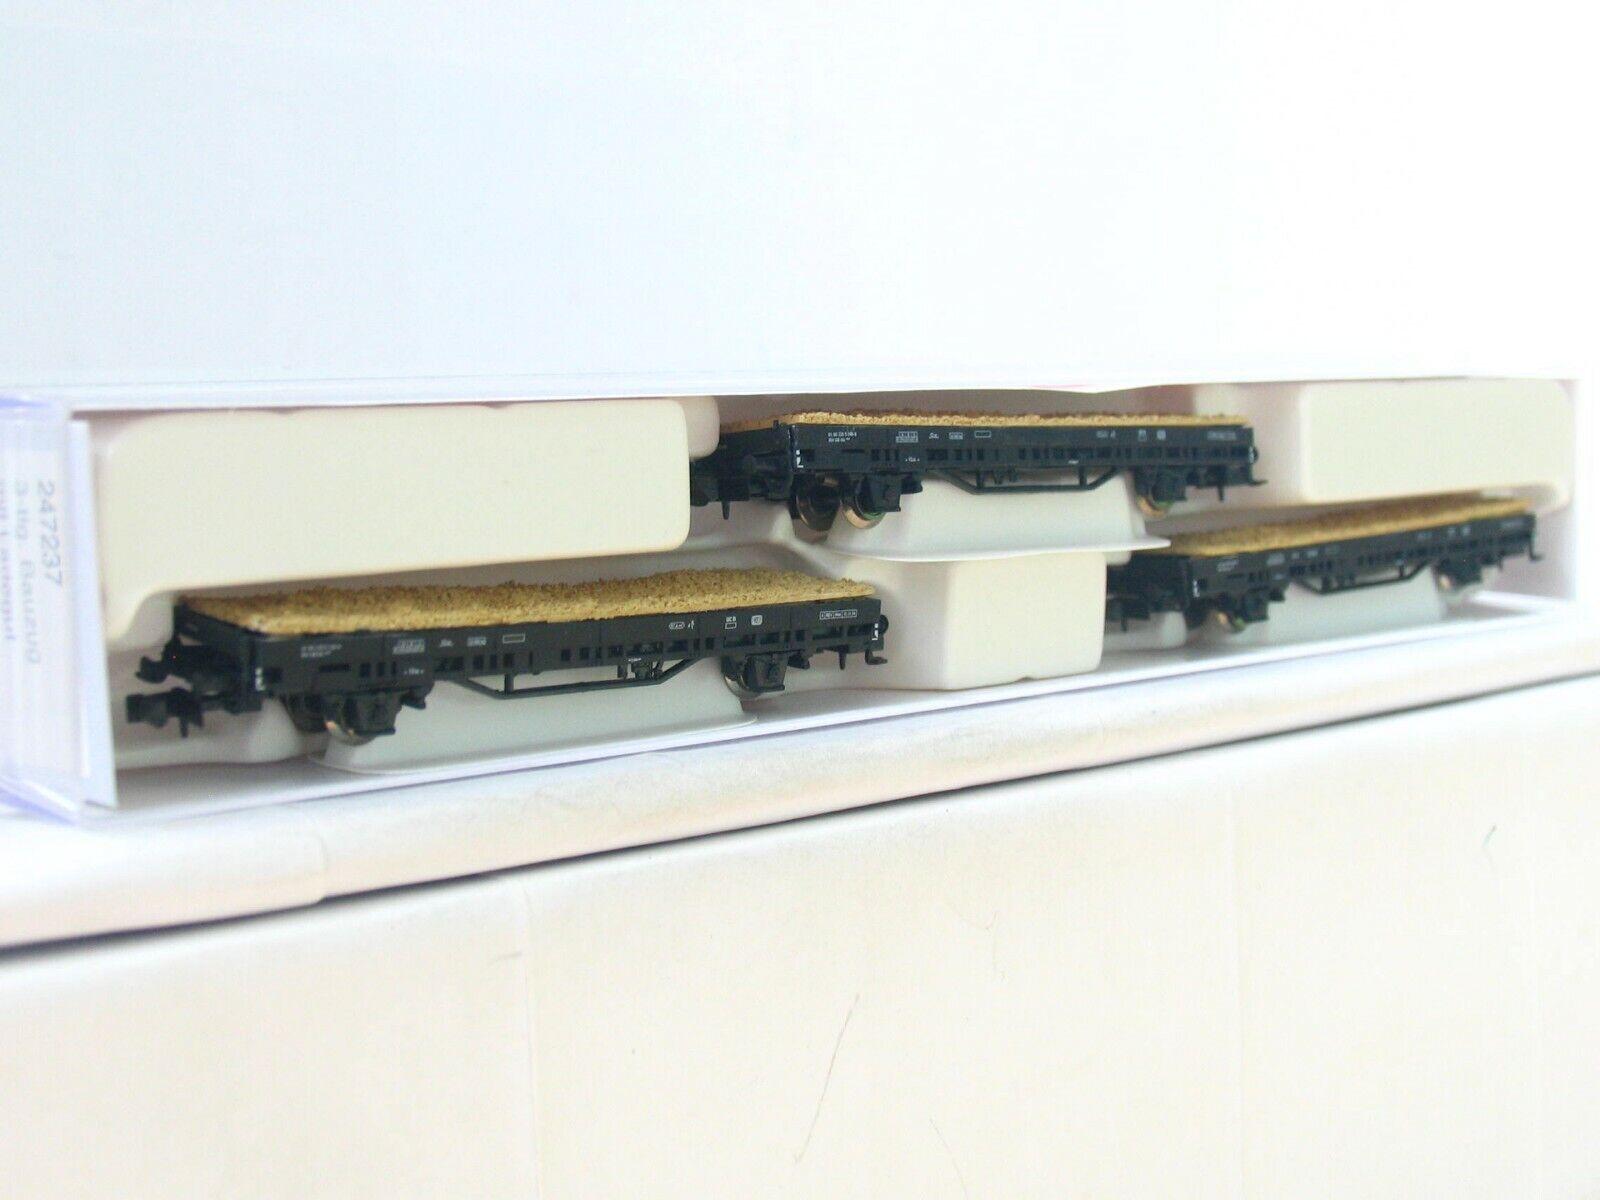 Hobbytrain N 247237 3er Set Flachwagen m. Ladegut DB OVP (RB8015)